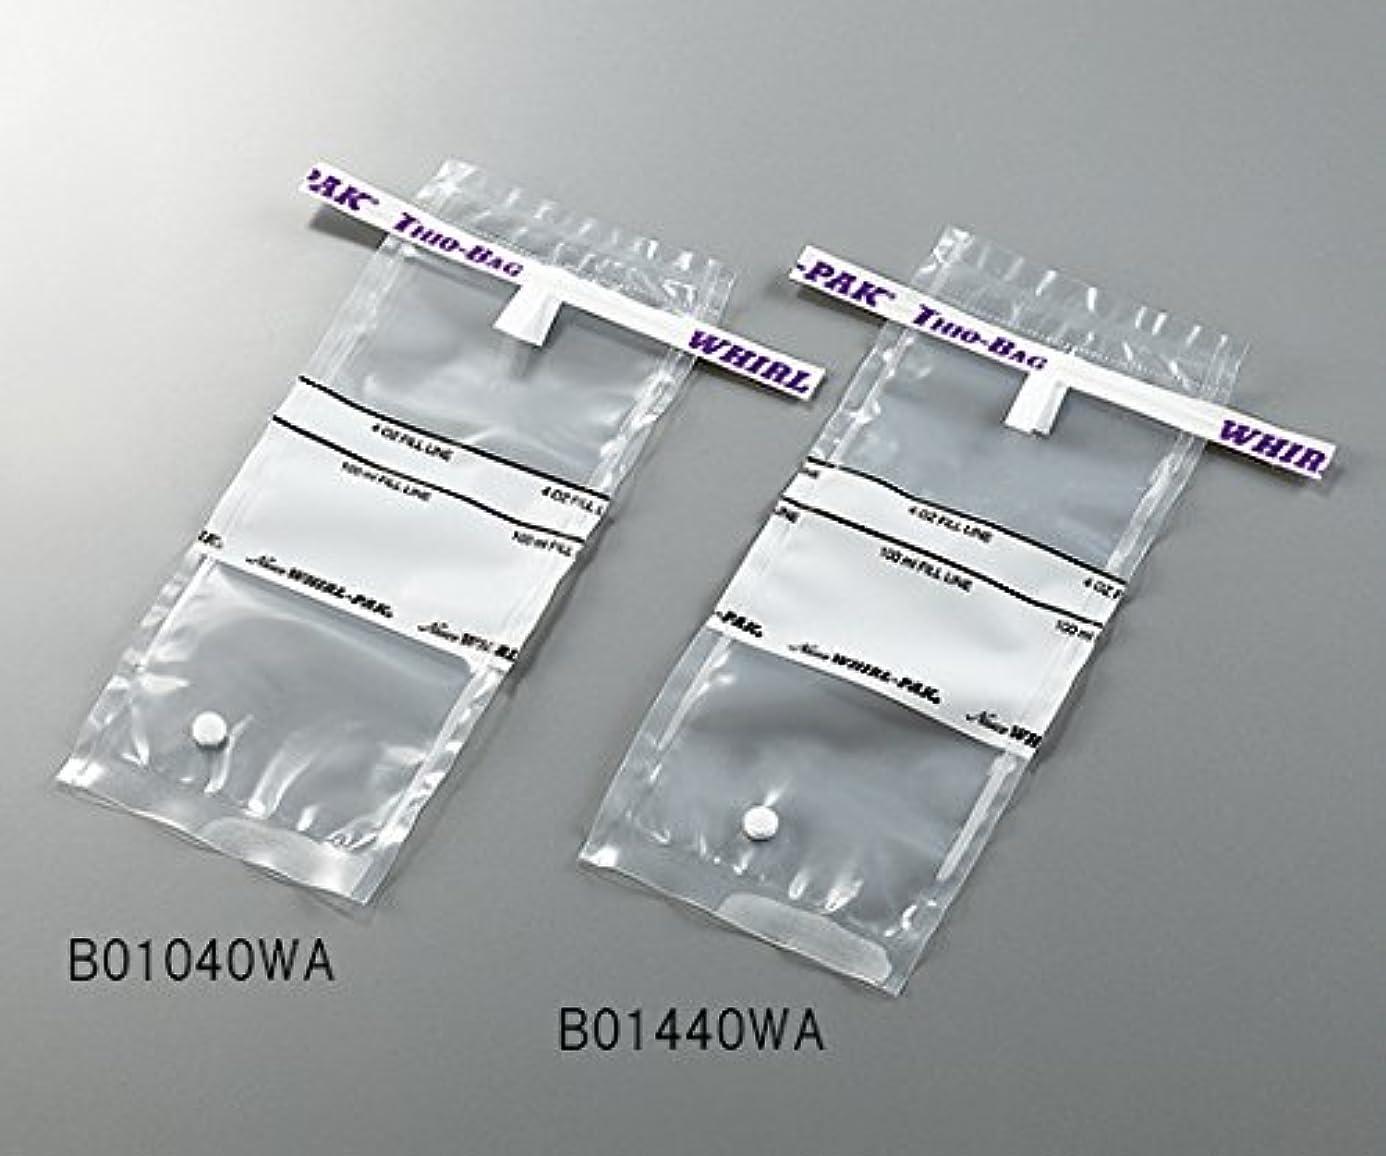 苛性タンカー生命体3-5414-01採水用サンプリングバッグ100mLチオ硫酸ナトリウム含有量10g